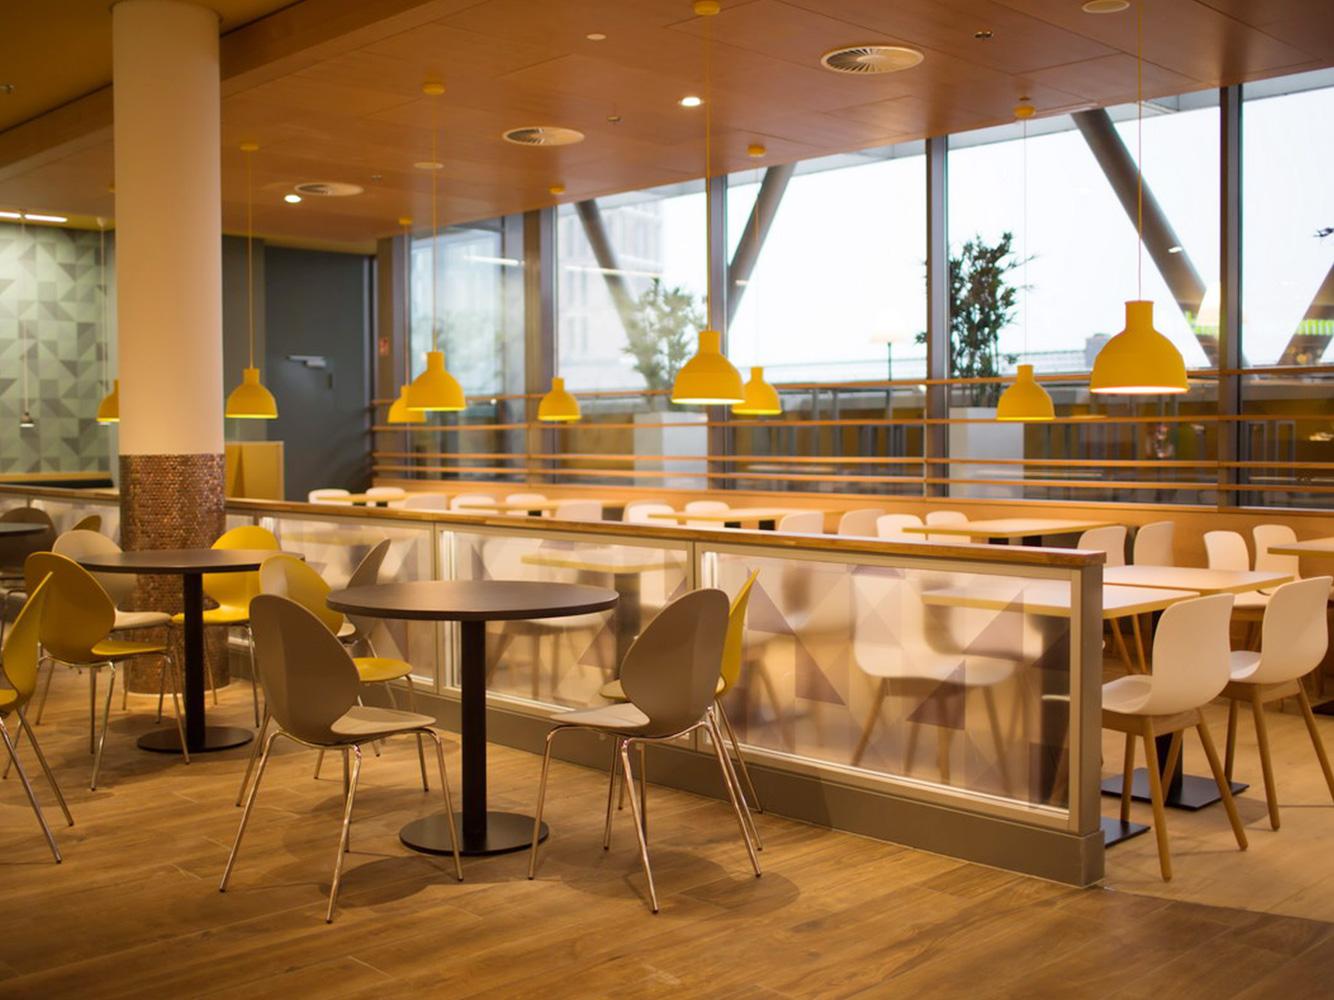 Dinnebier licht gmbh foodcourt citypoint kassel 2015 for Innenarchitektur kassel